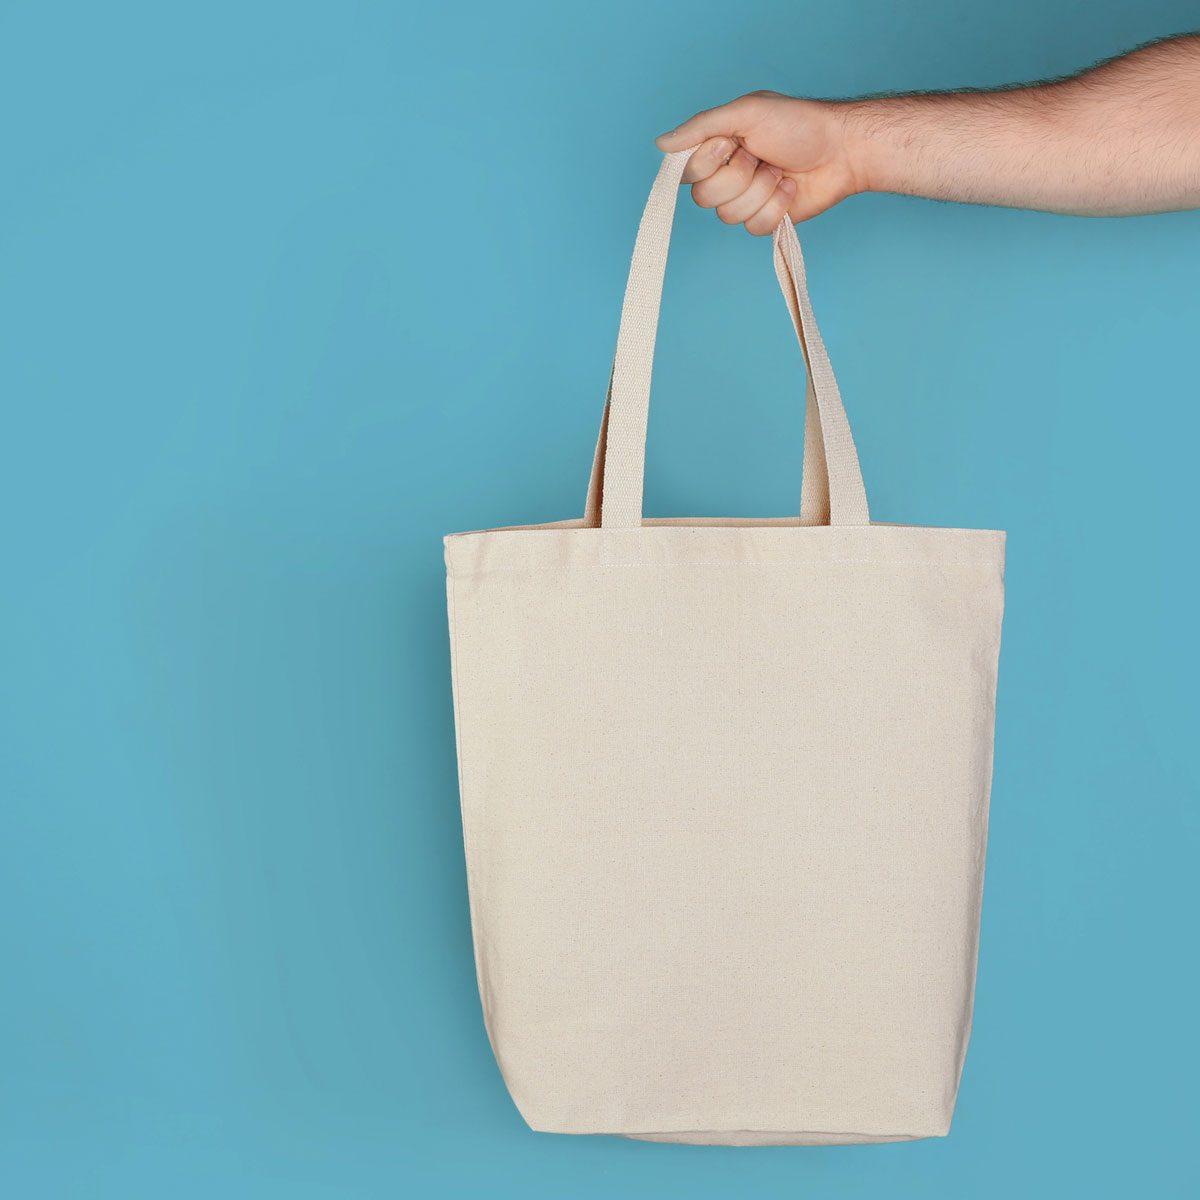 White cloth bag